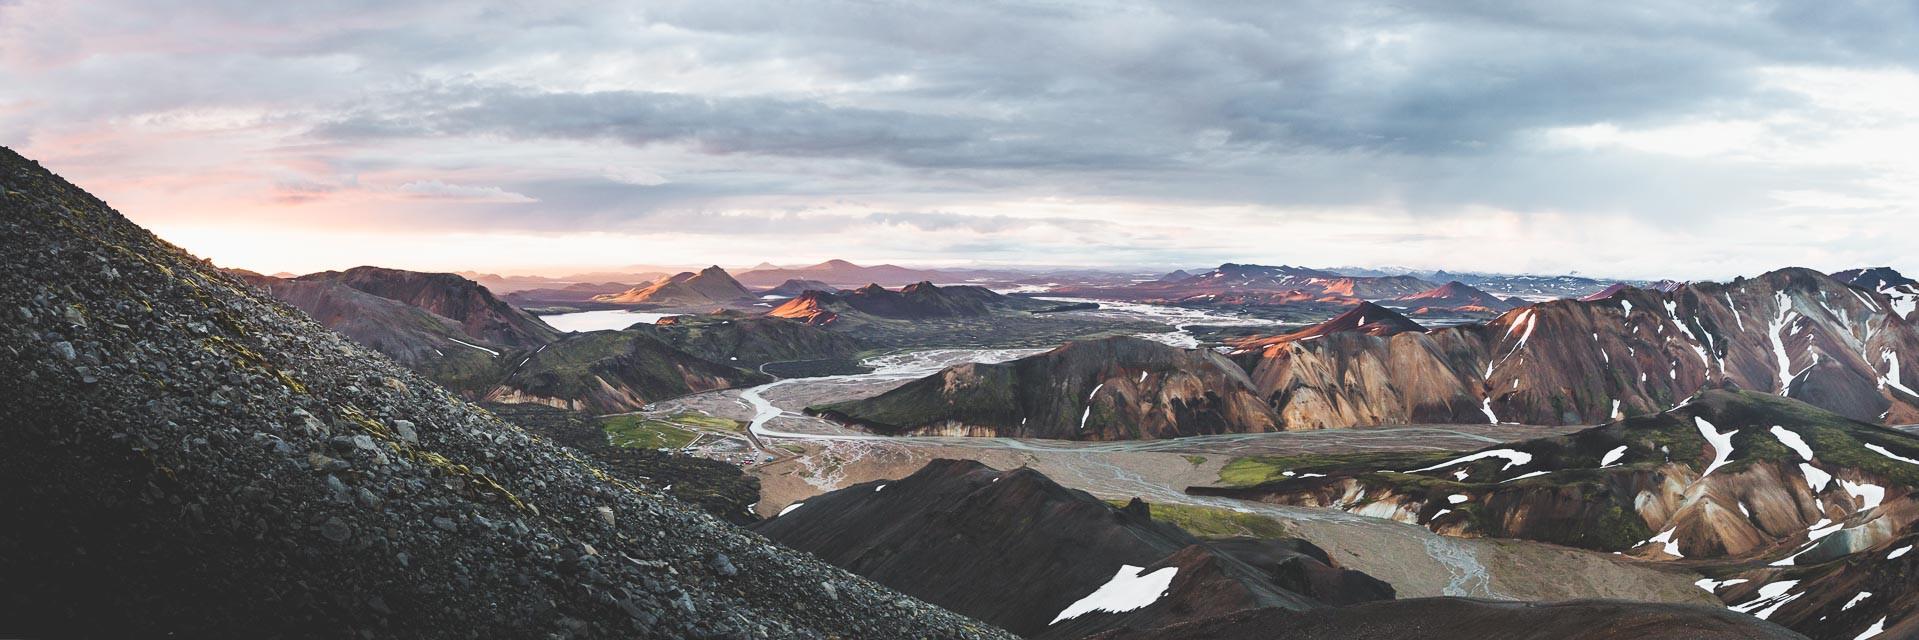 landmannalaugar Norris Niman Iceland Norbert von Niman